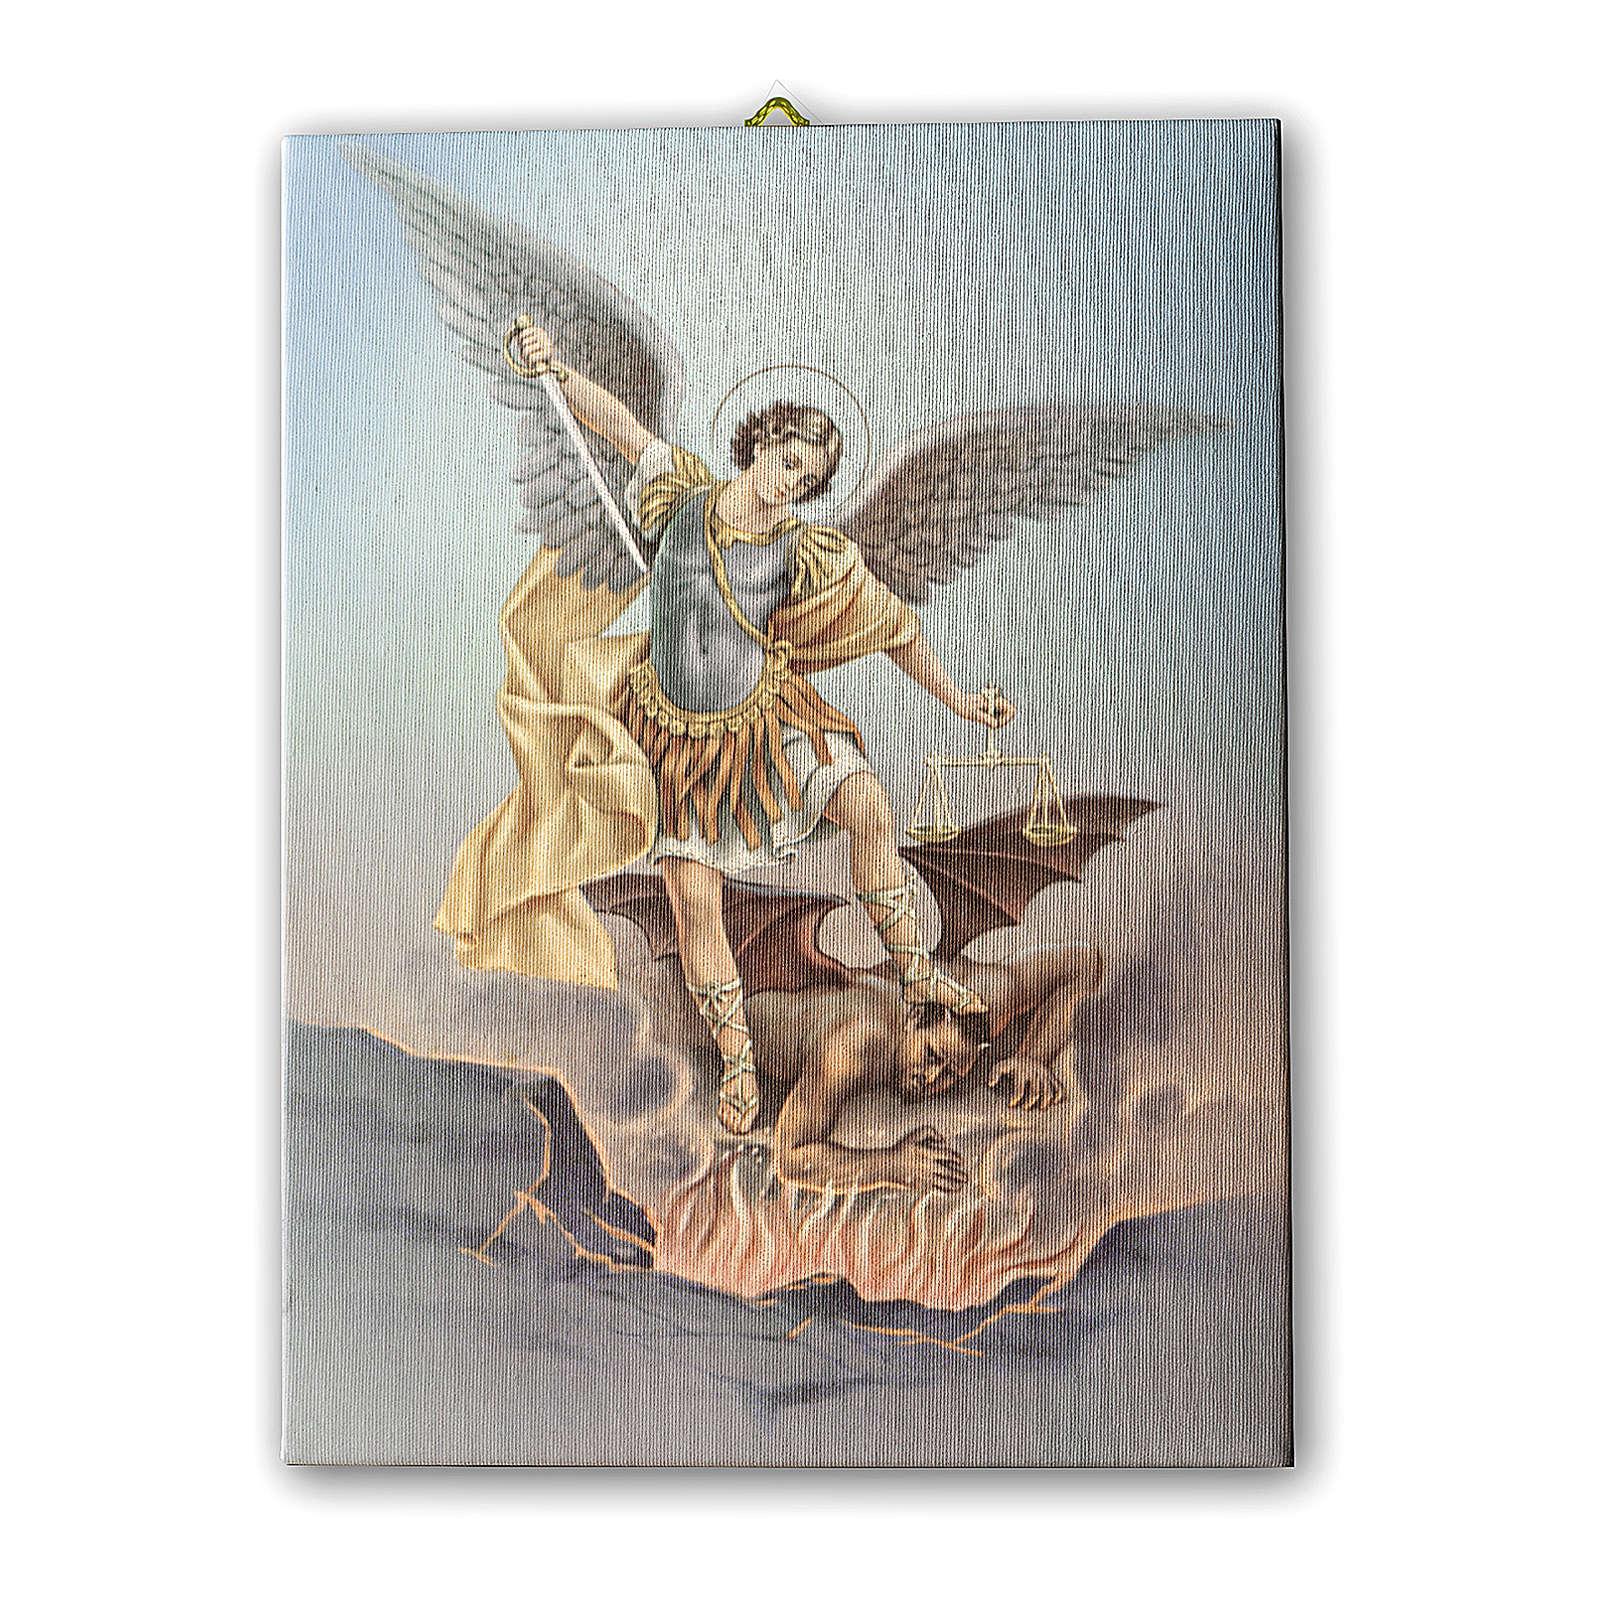 Obraz na płótnie święty Michał Archanioł 25x20cm 3